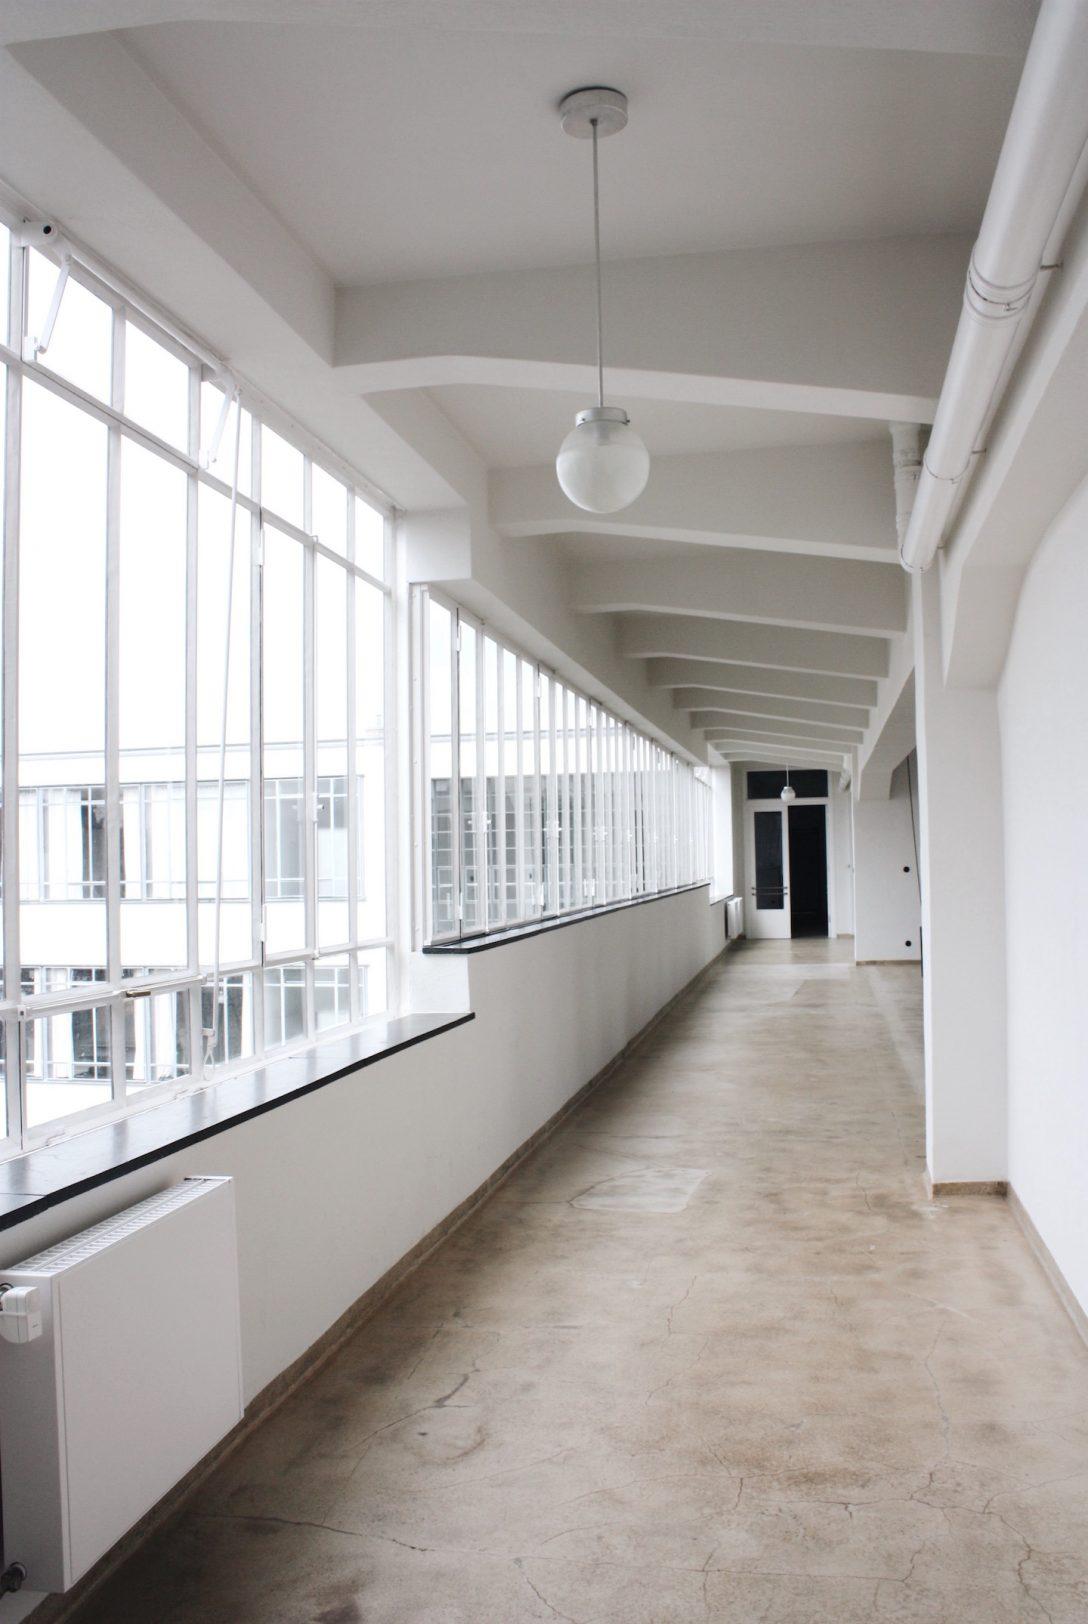 Large Size of Bauhaus Fensterfolie Schwarz Fensterdichtungen Badezimmer Fensterdichtungsband Das In Dessau Acanthus Fenster Abdichten Rostock Rollos Ohne Bohren Fenster Bauhaus Fenster